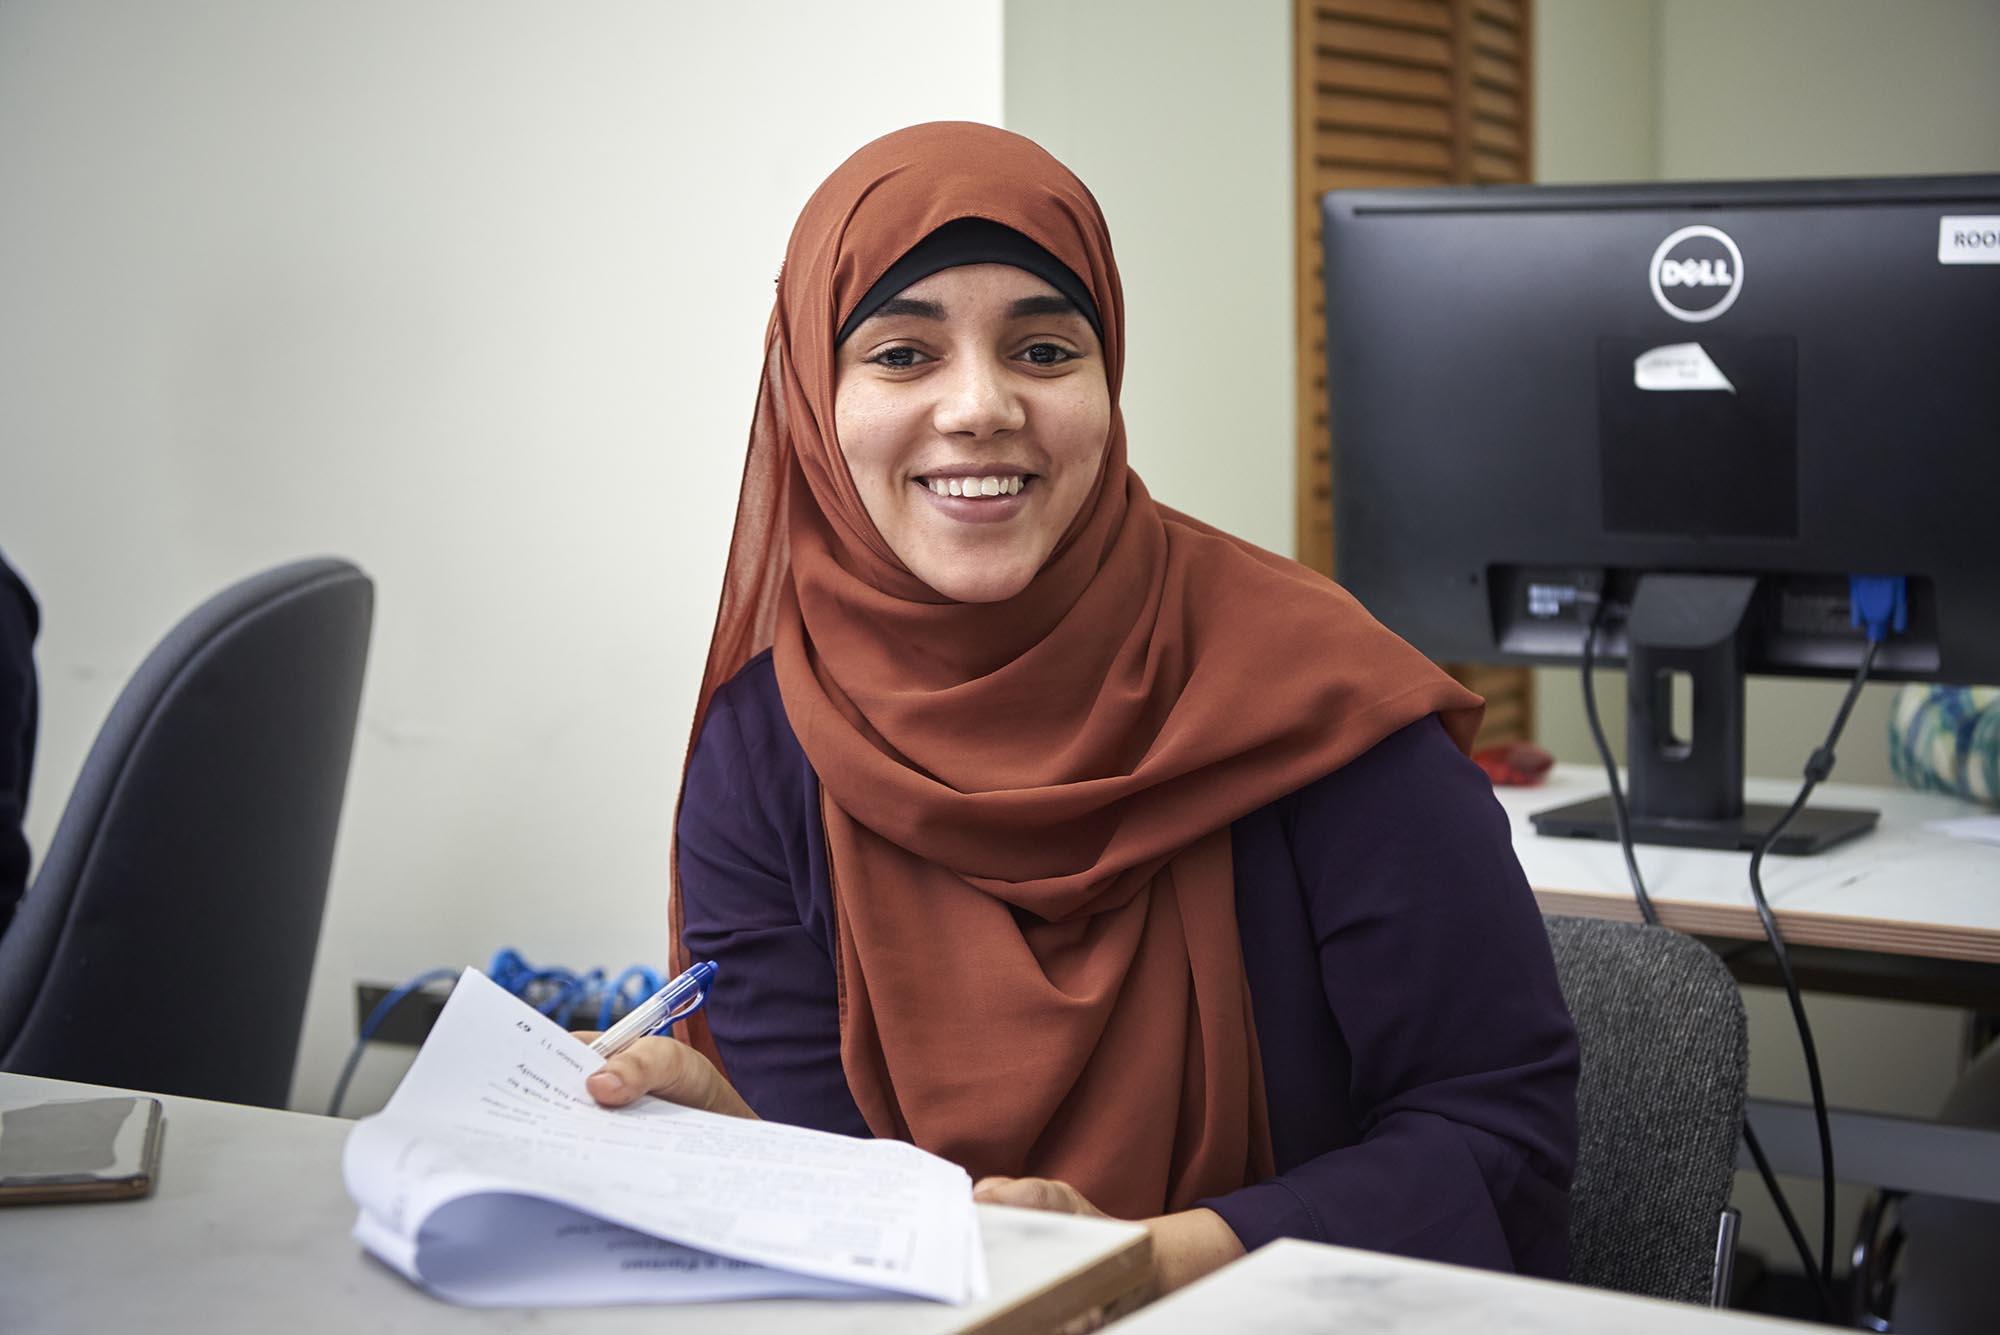 Newcomer woman attending a class